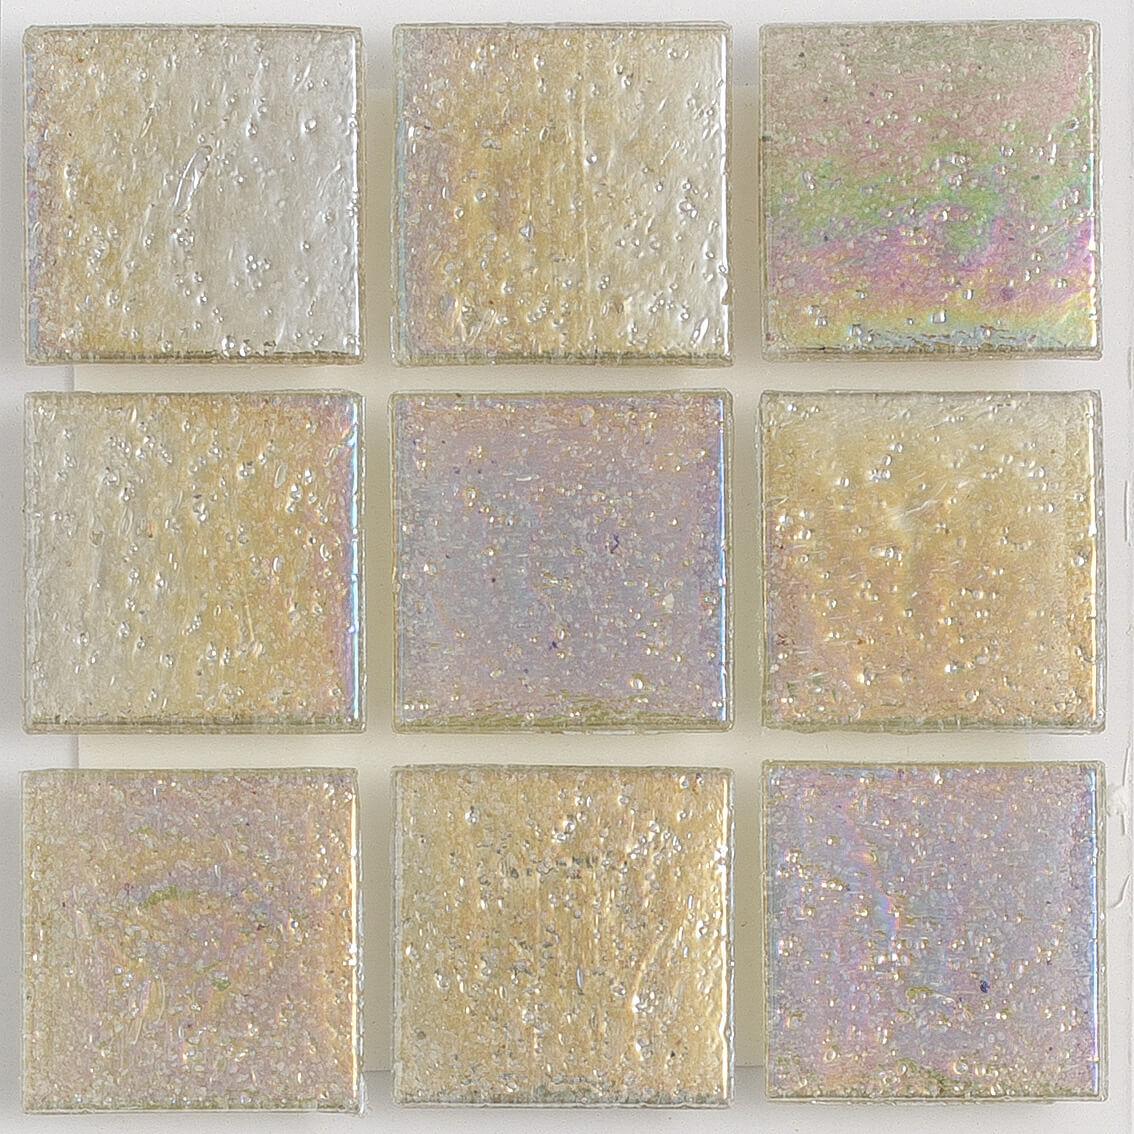 750.22 Fire Opal Sand Iridescent